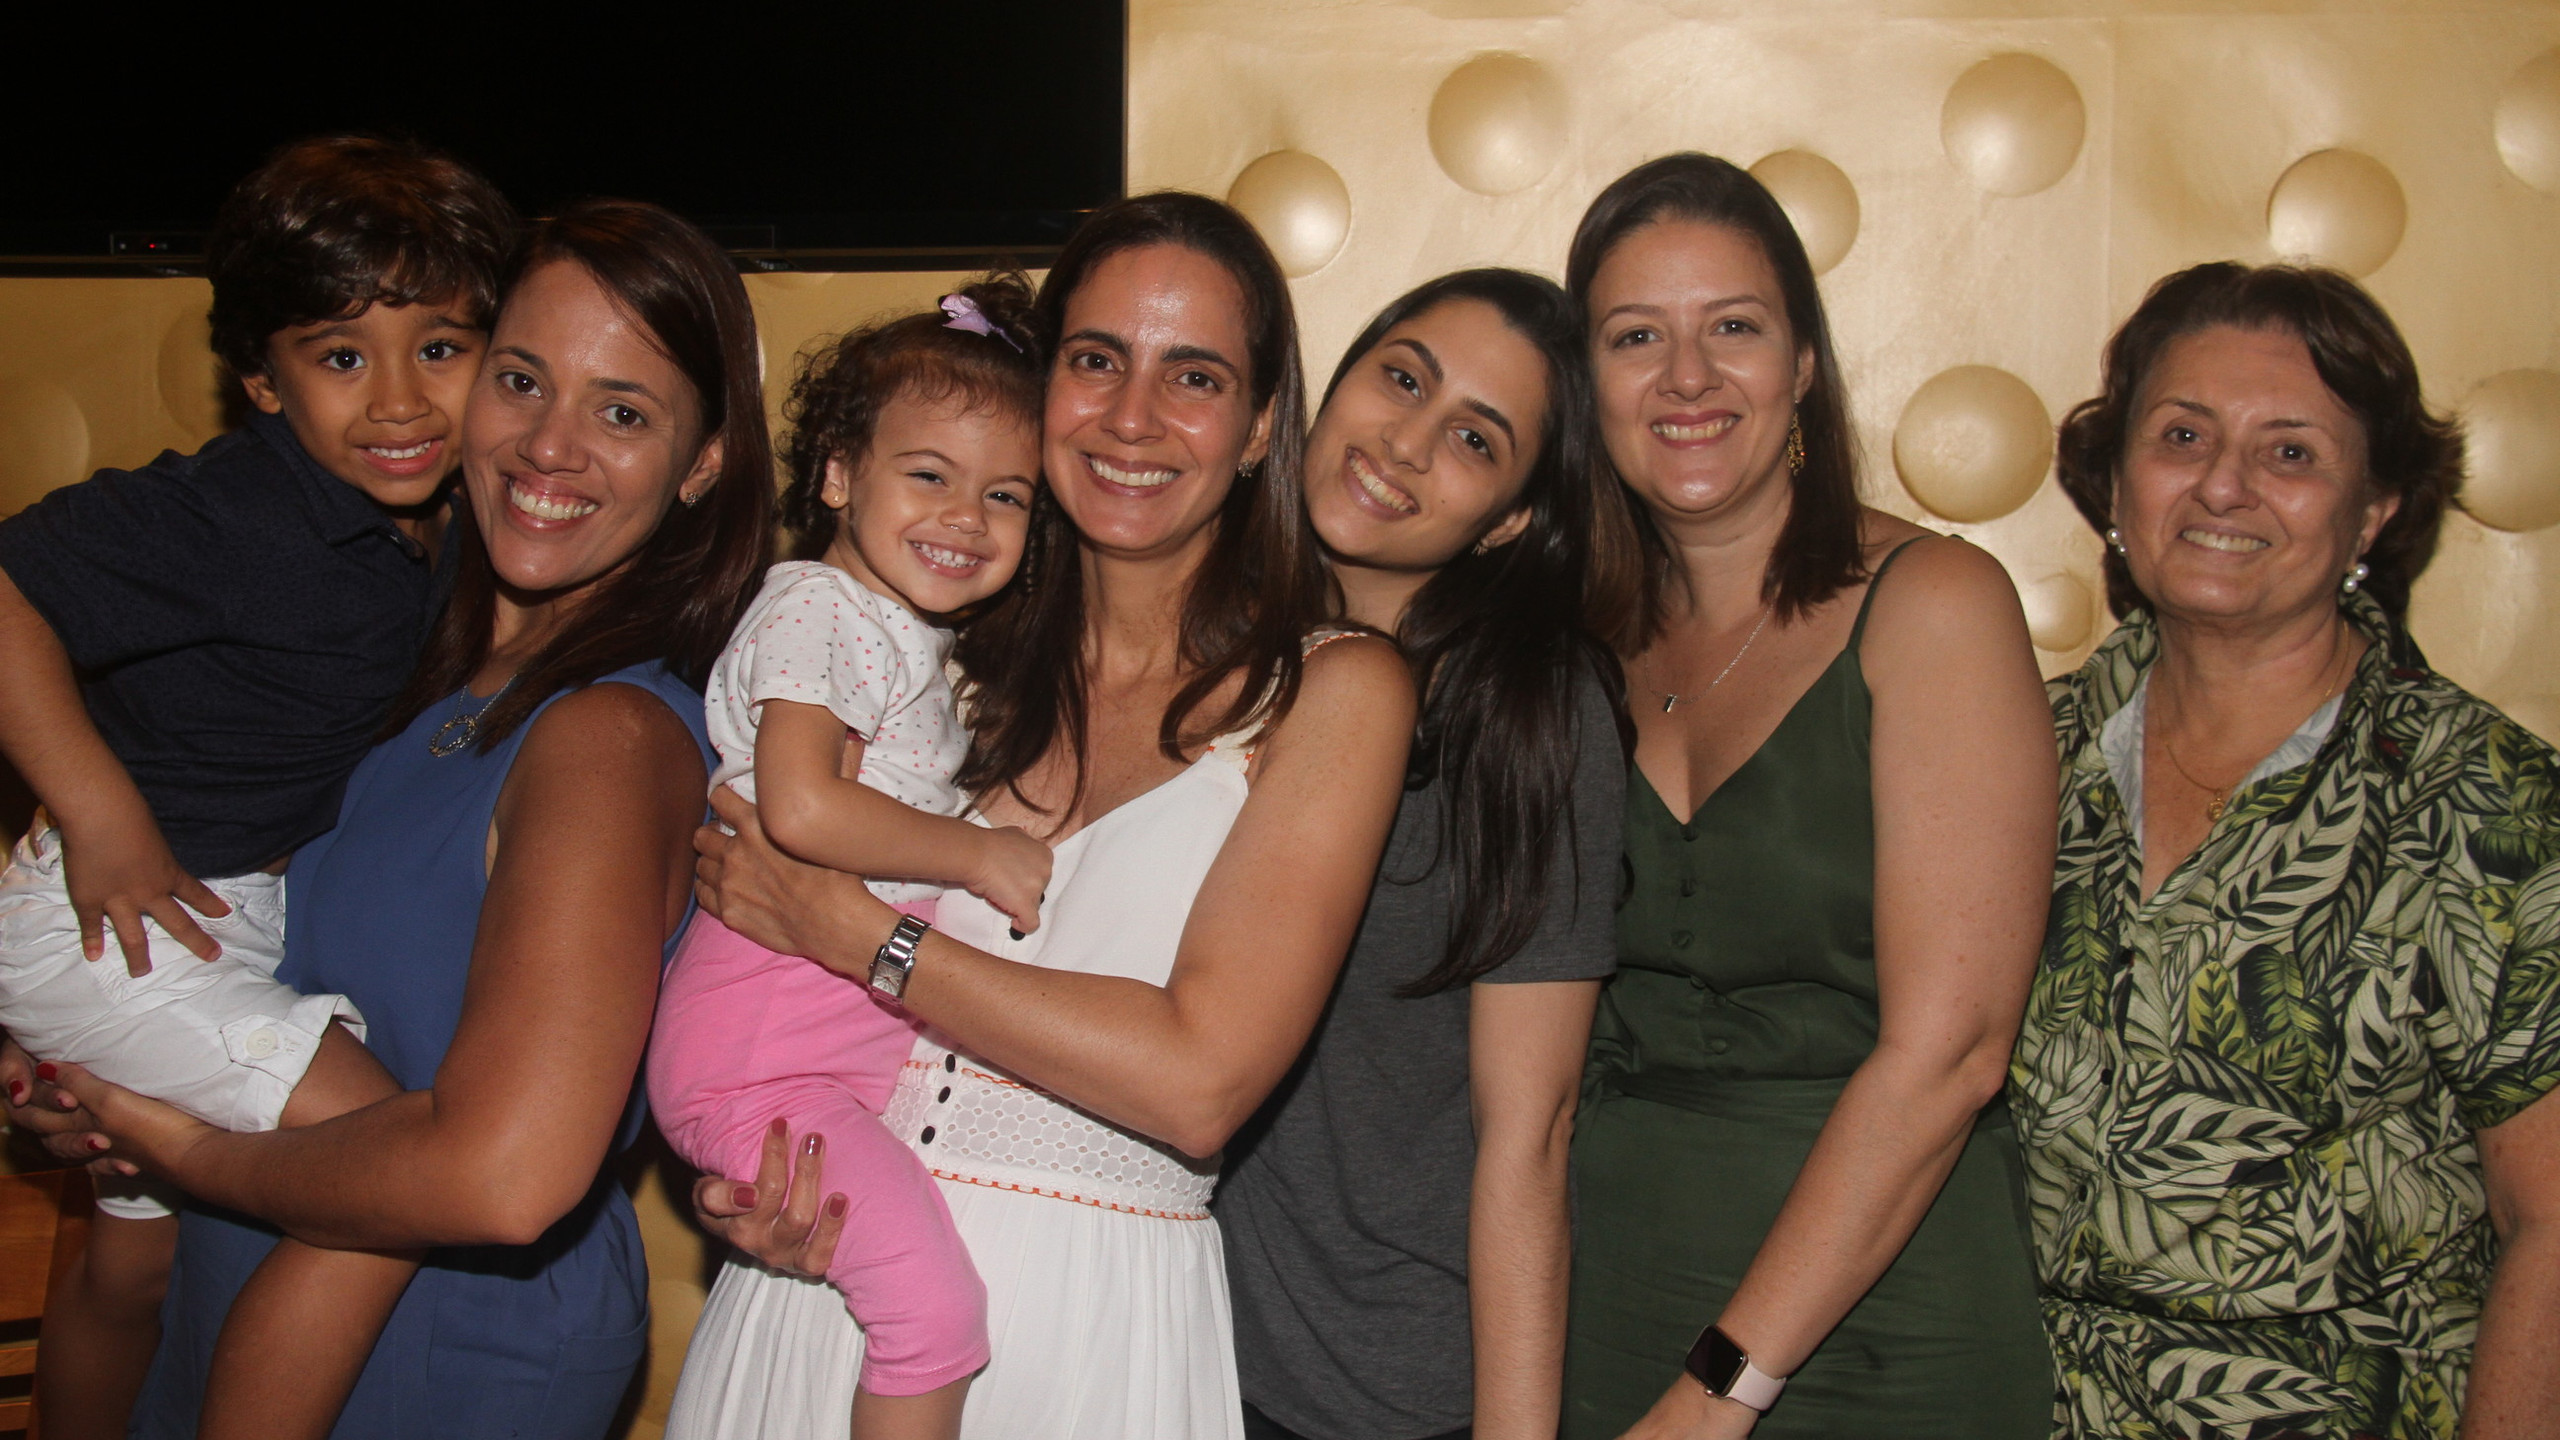 Pedro e Fernanda, Lycia e Helena, Sofia, Graziella e Denise Vieira.